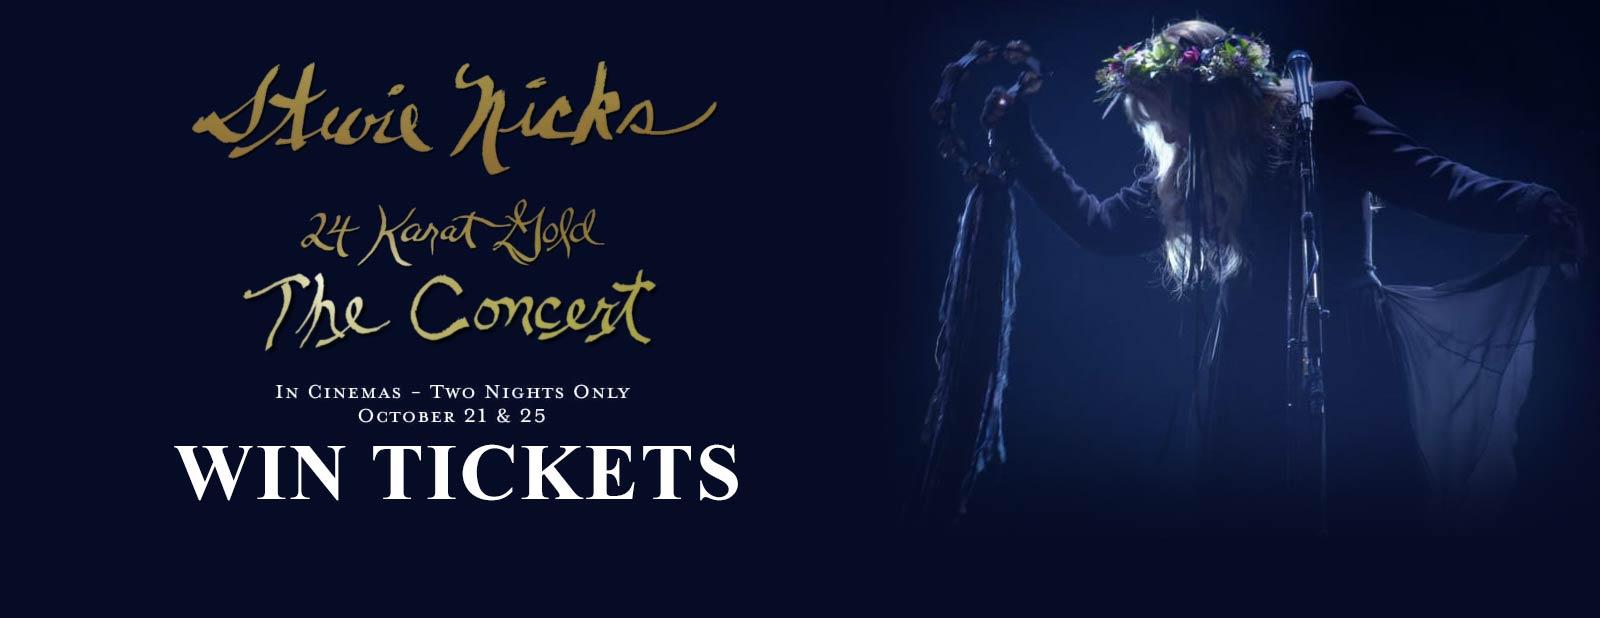 Stevie Knicks